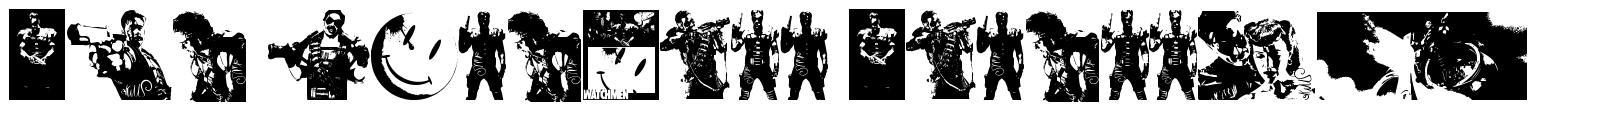 The Comedian Dingbats font